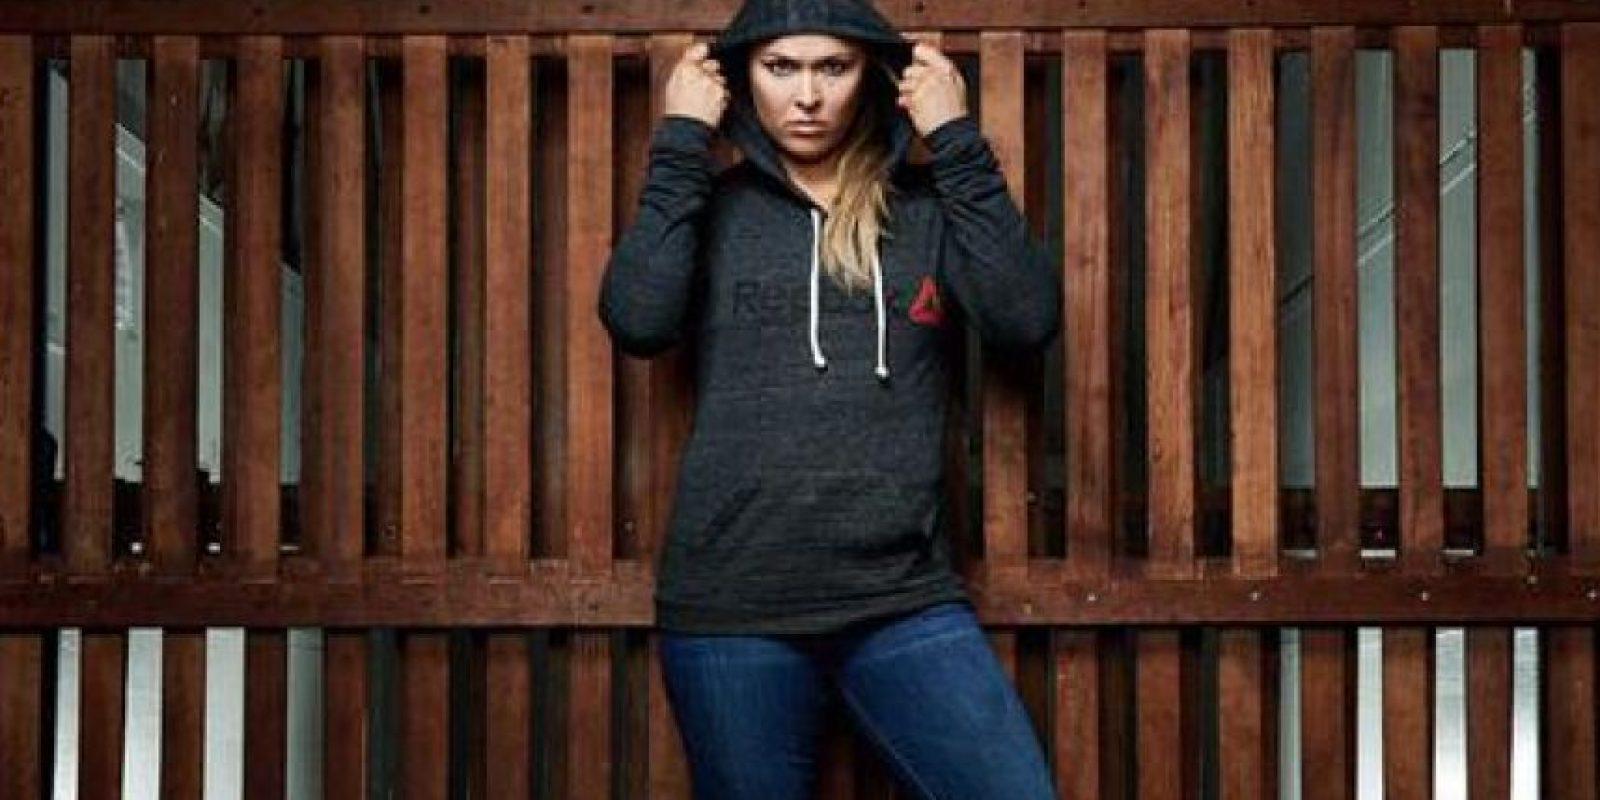 En noviembre de 2012 se integró a la UFC. Rousey compite en la categoría de Peso Gallos de Mujeres de la UFC, de la cual es la vigente campeona. Foto:Vía twitter.com/RondaRousey